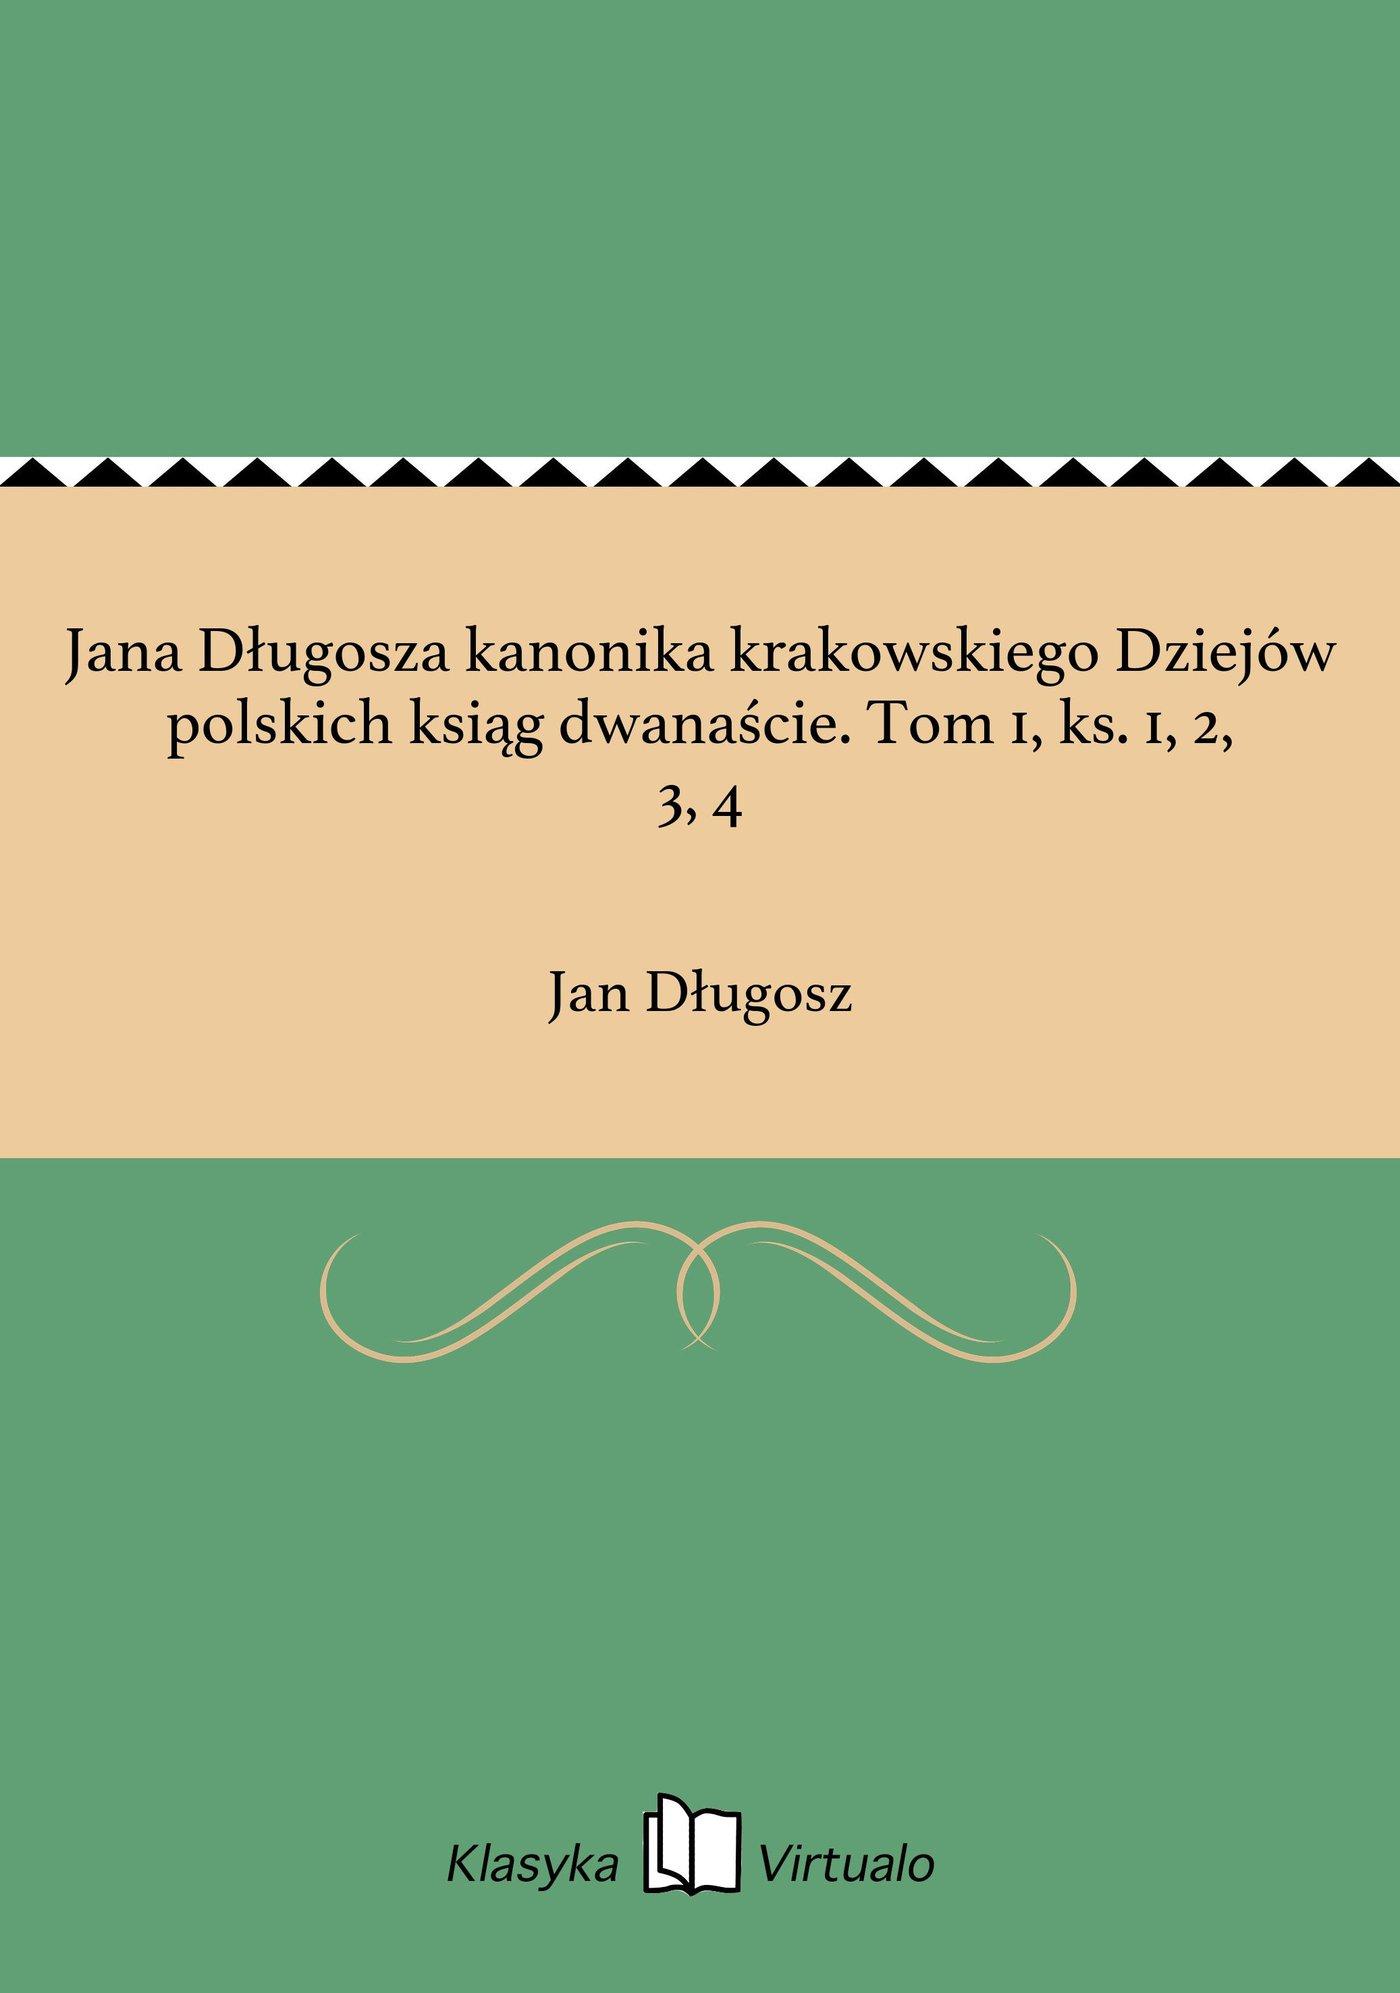 Jana Długosza kanonika krakowskiego Dziejów polskich ksiąg dwanaście. Tom 1, ks. 1, 2, 3, 4 - Ebook (Książka EPUB) do pobrania w formacie EPUB